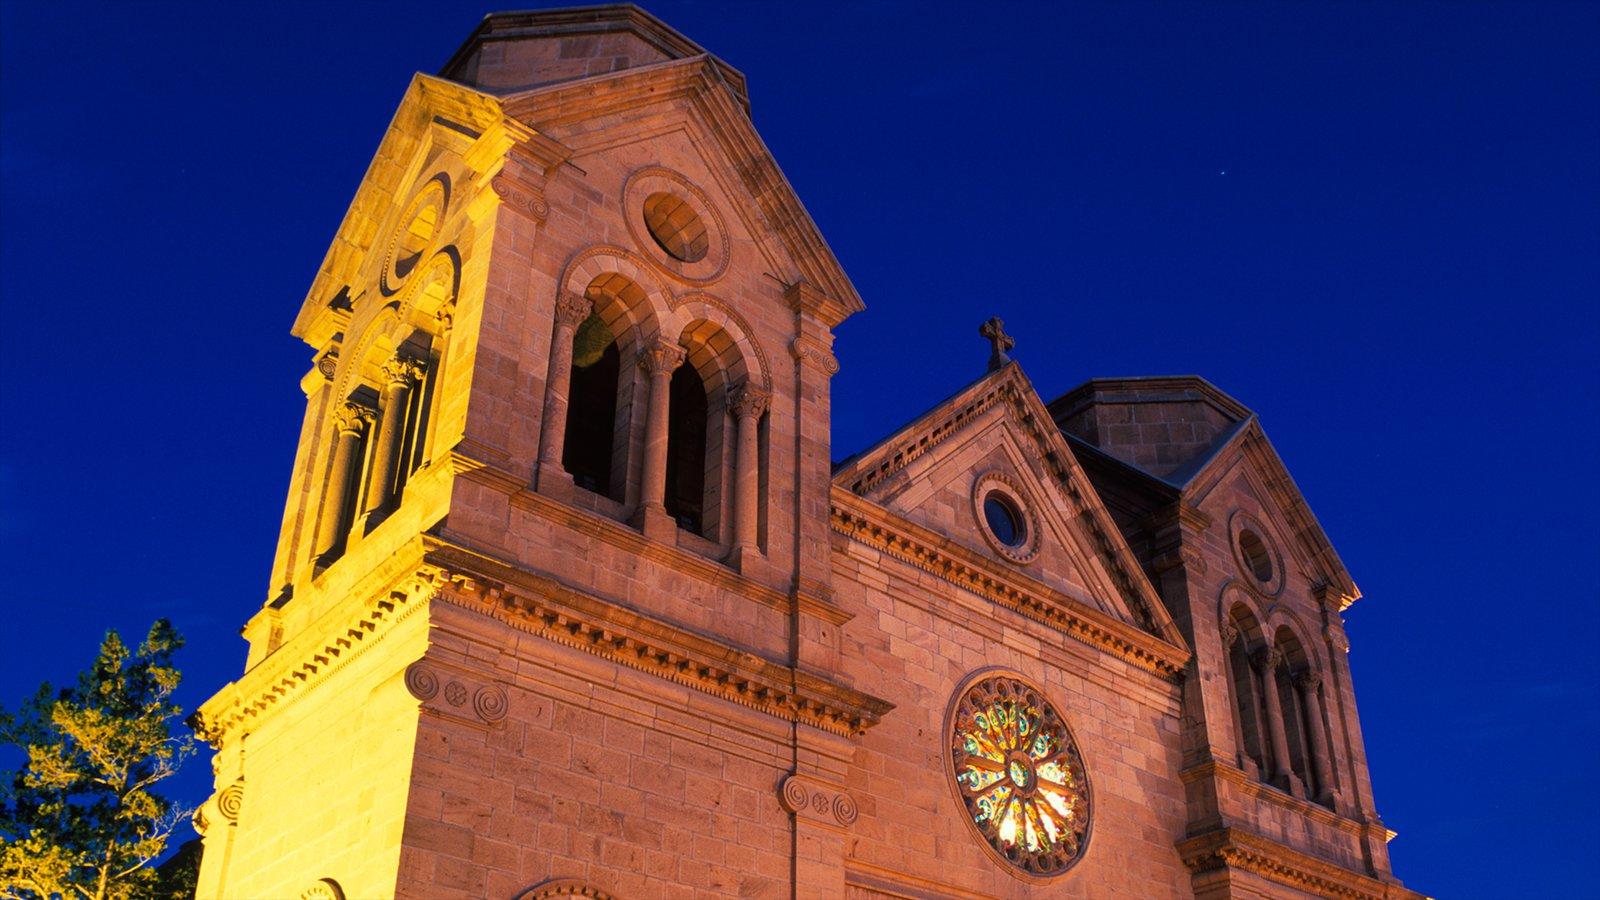 Cathedral Basilica of Saint Francis of Assisi que incluye escenas nocturnas, patrimonio de arquitectura y una iglesia o catedral